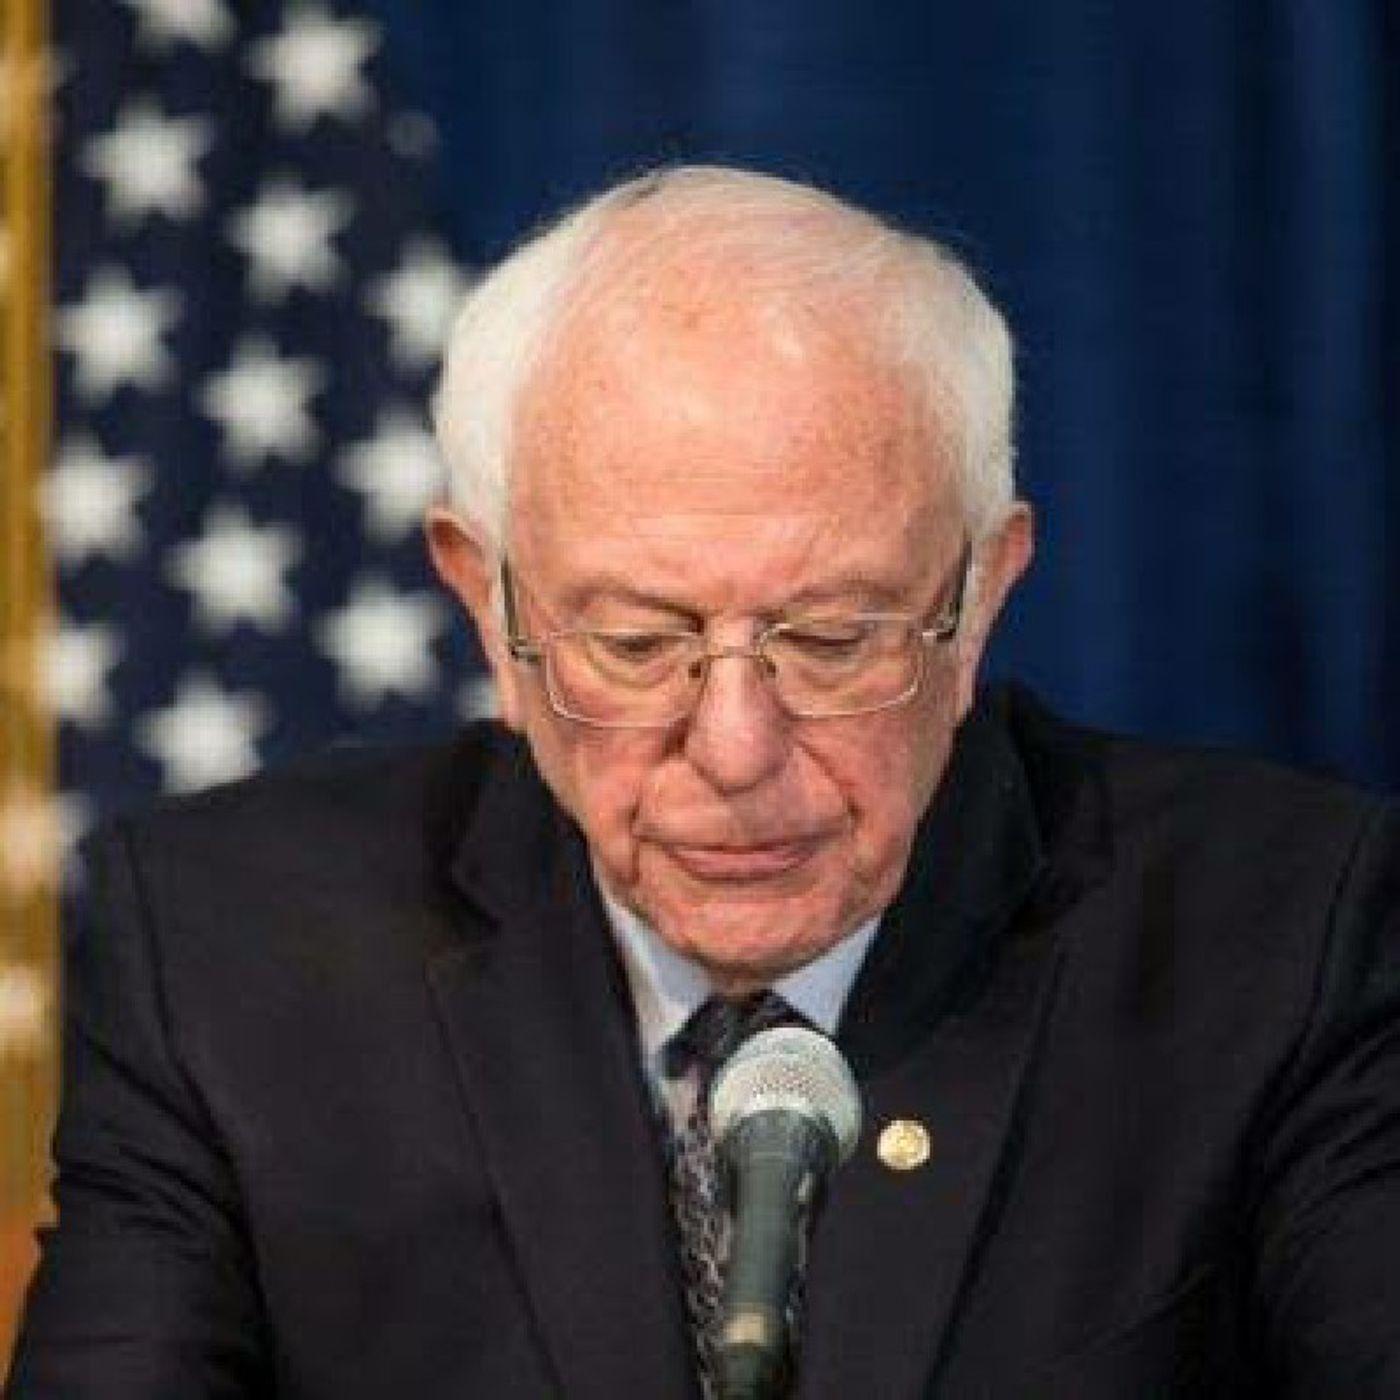 Episódio 9-Bernie Sanders desiste de concorrer a Presidência dos EUA